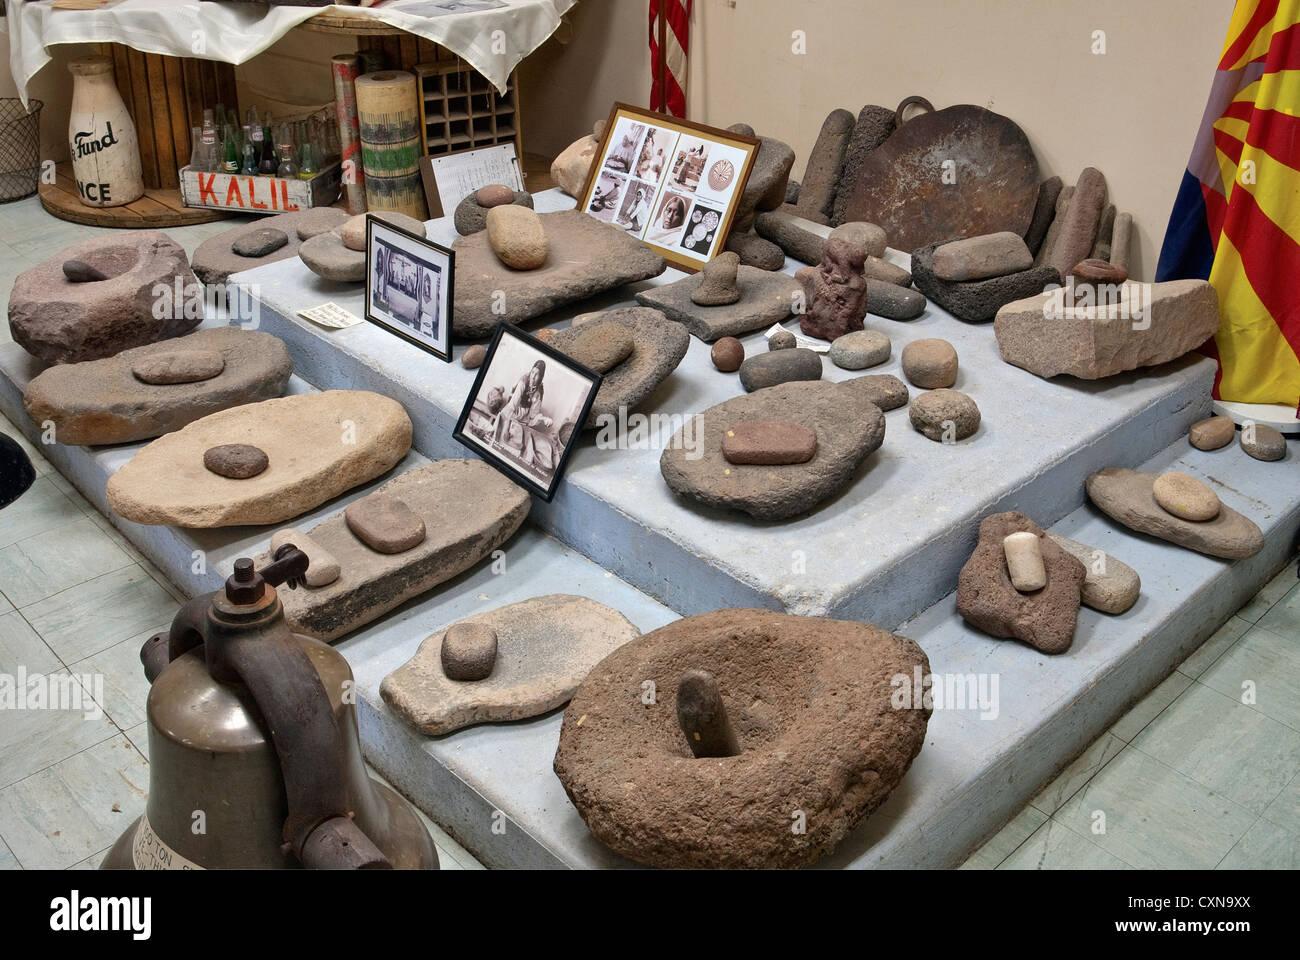 Mano e metate insieme al Museo Storico a Ajo, Arizona, Stati Uniti d'America Immagini Stock